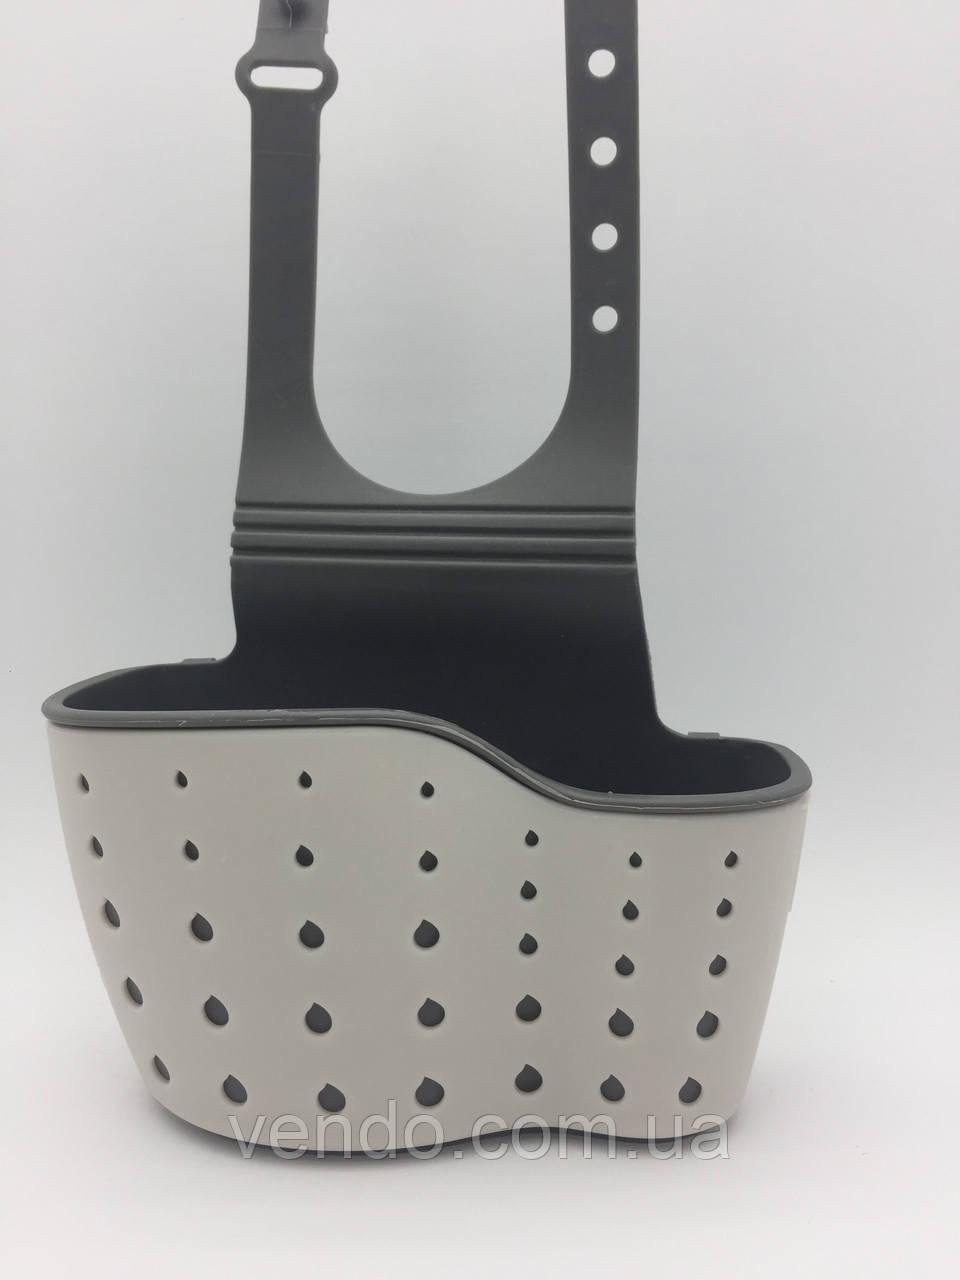 Кухонный органайзер для губок (бело-серый)